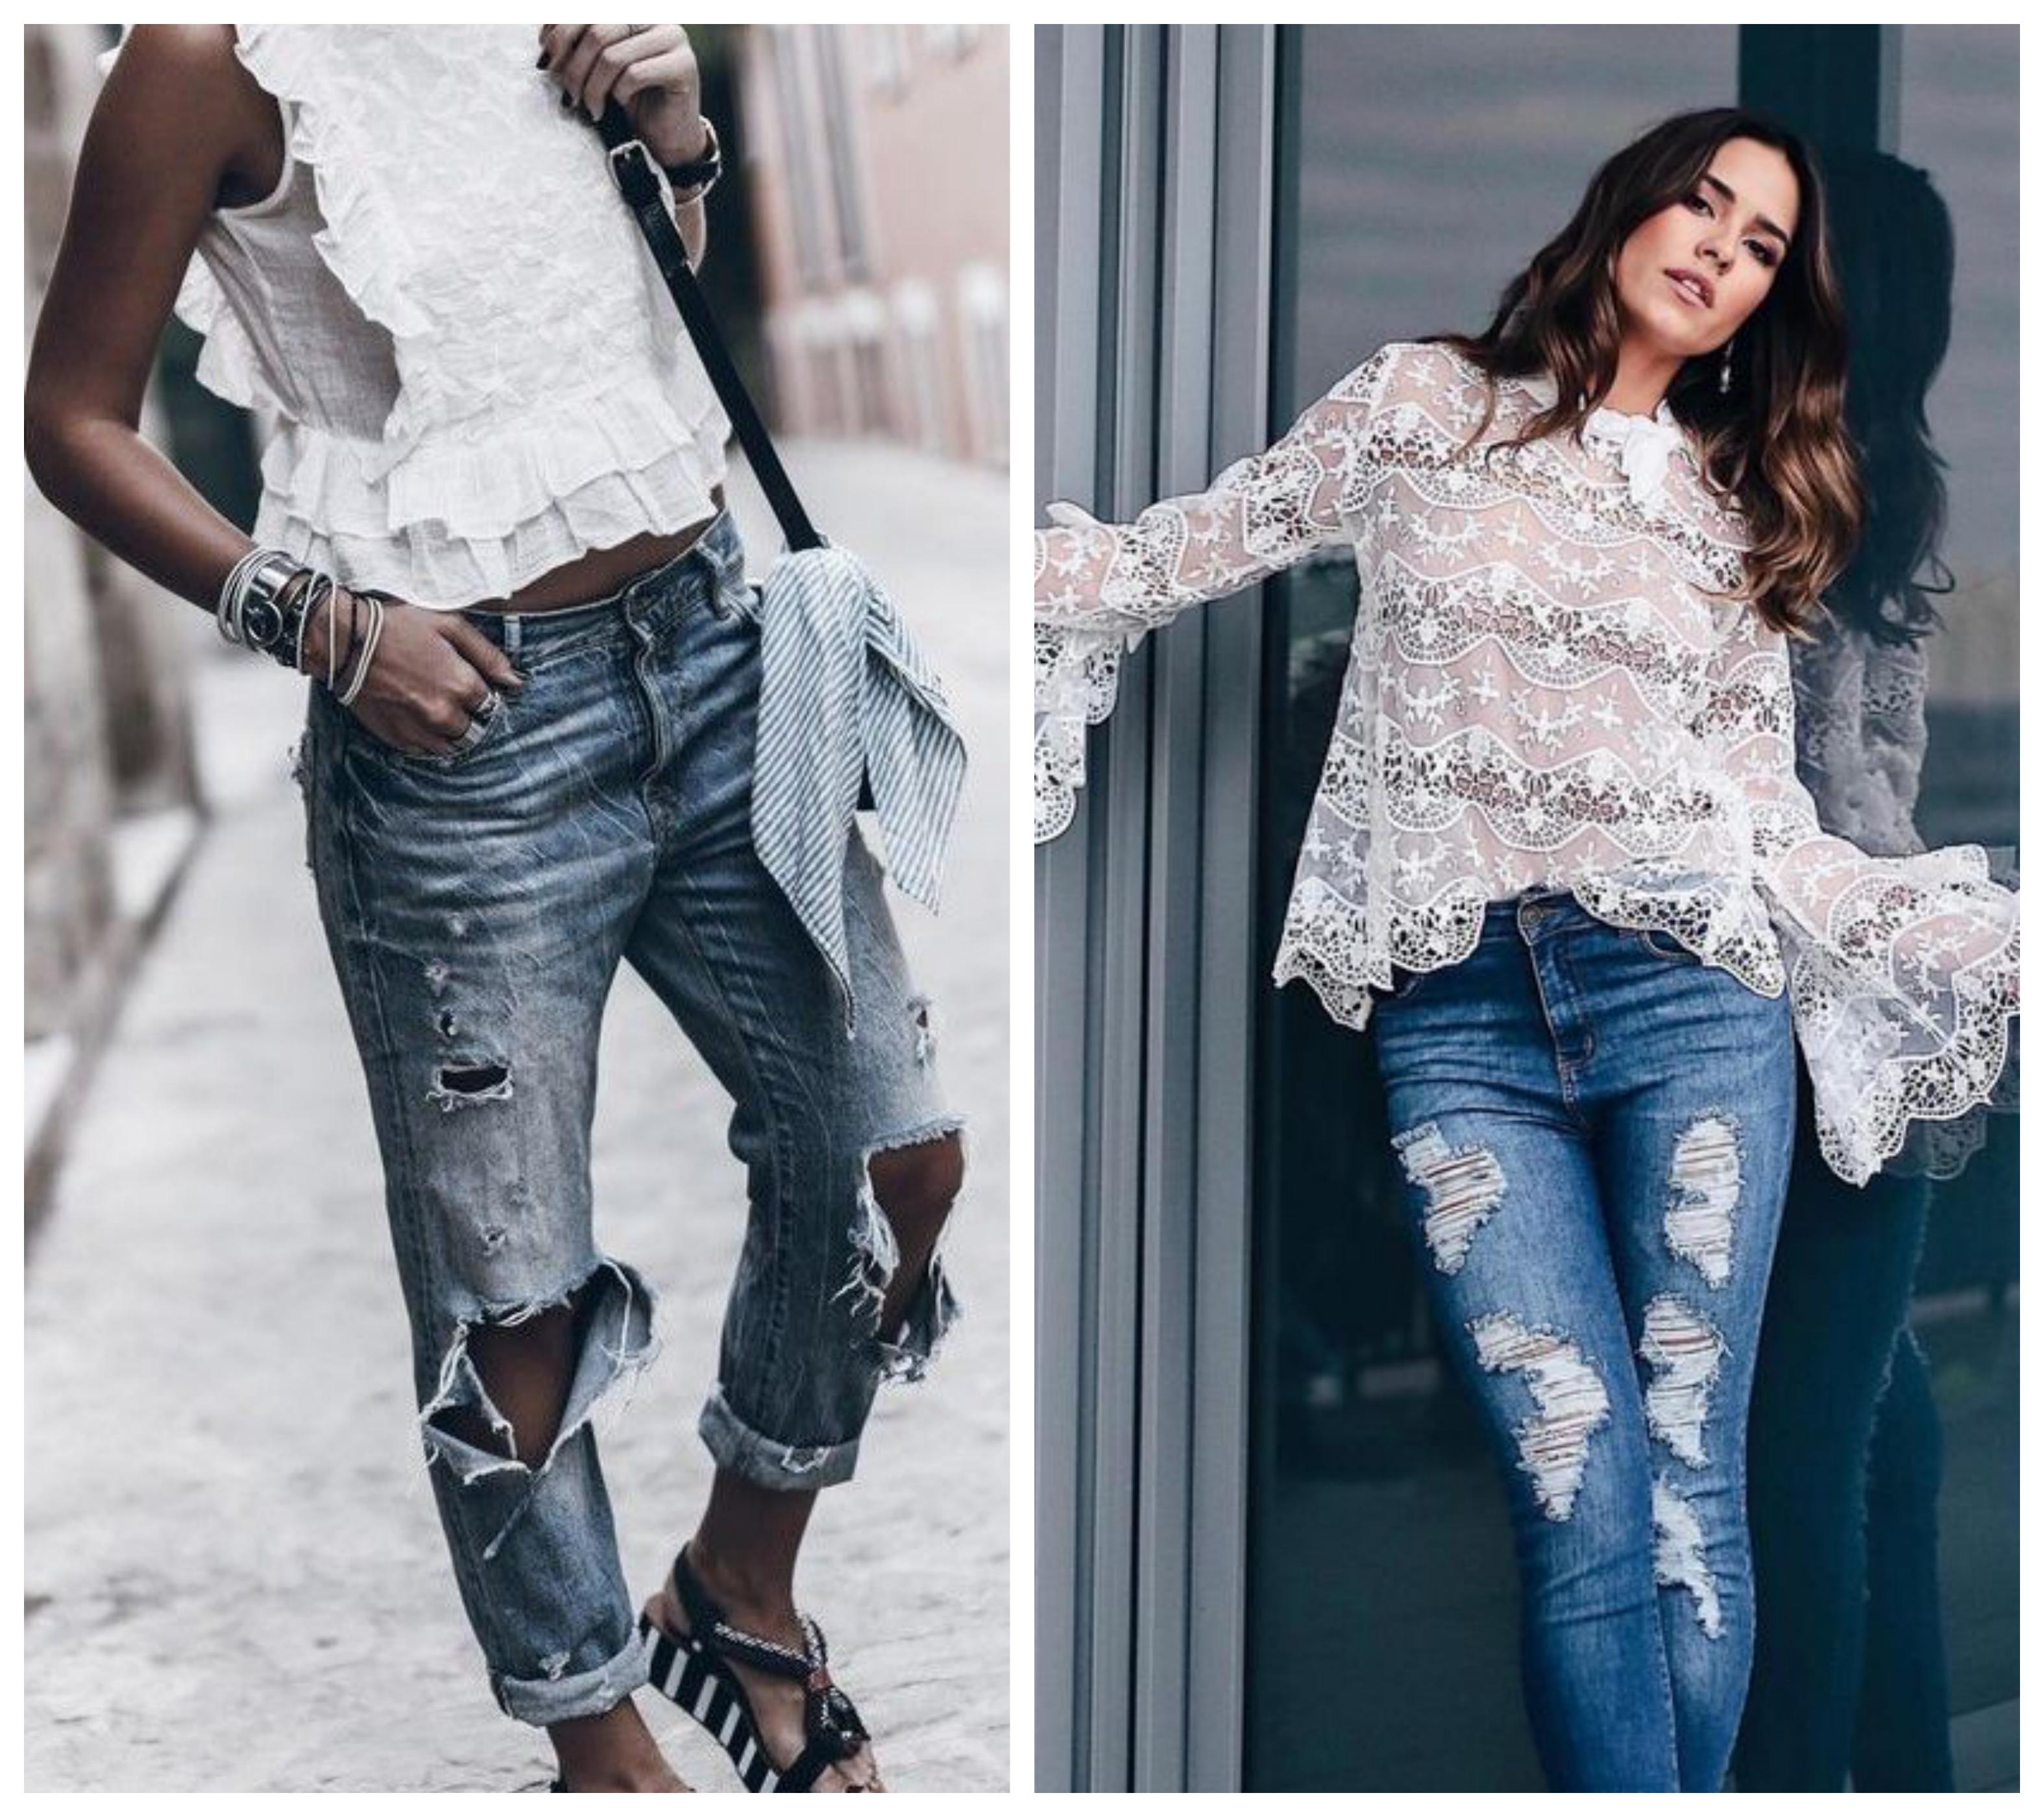 Рваные джинсы - стильный образ